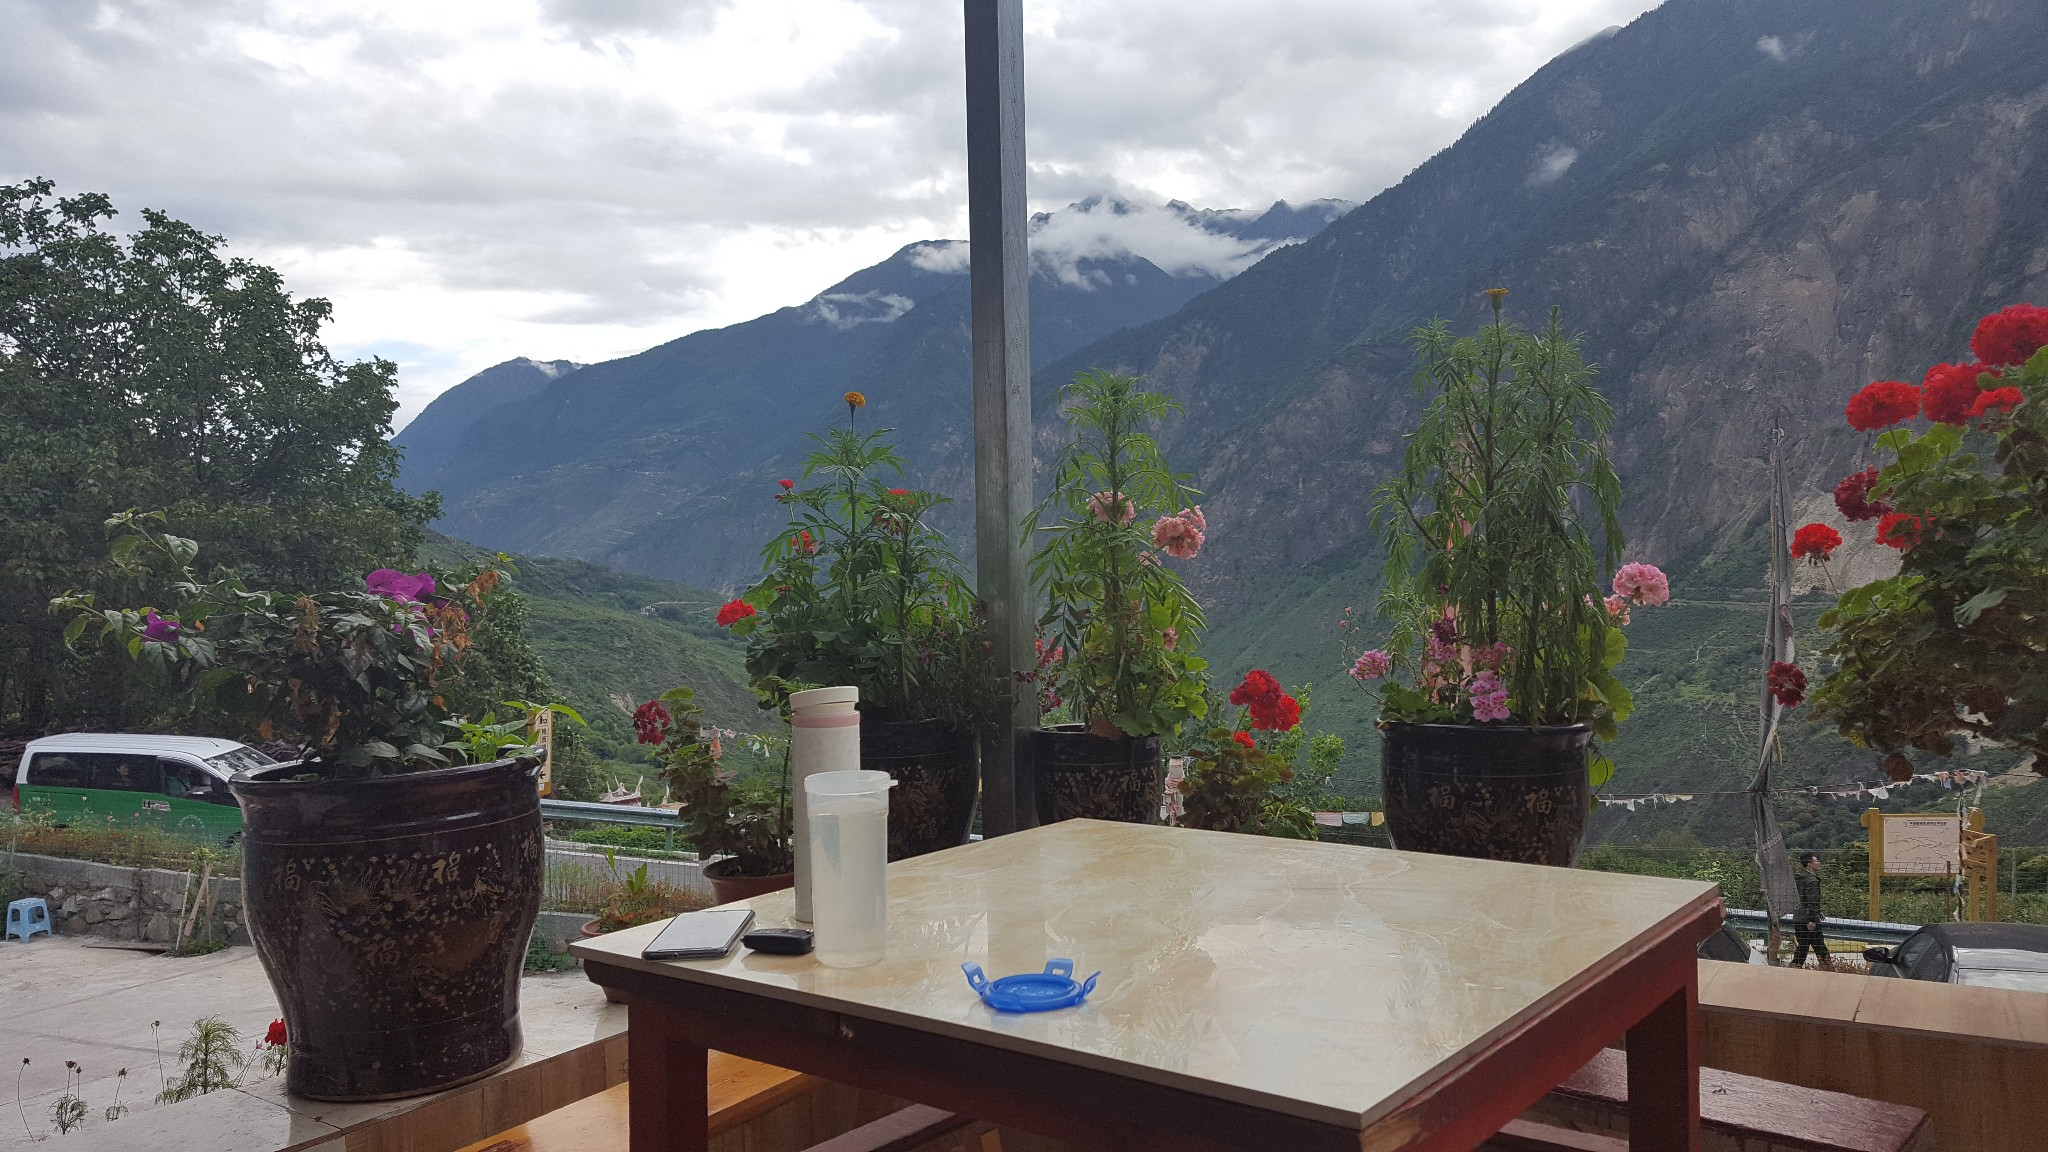 SiChuan Garzê DanBa JiaJu Tibetan Village